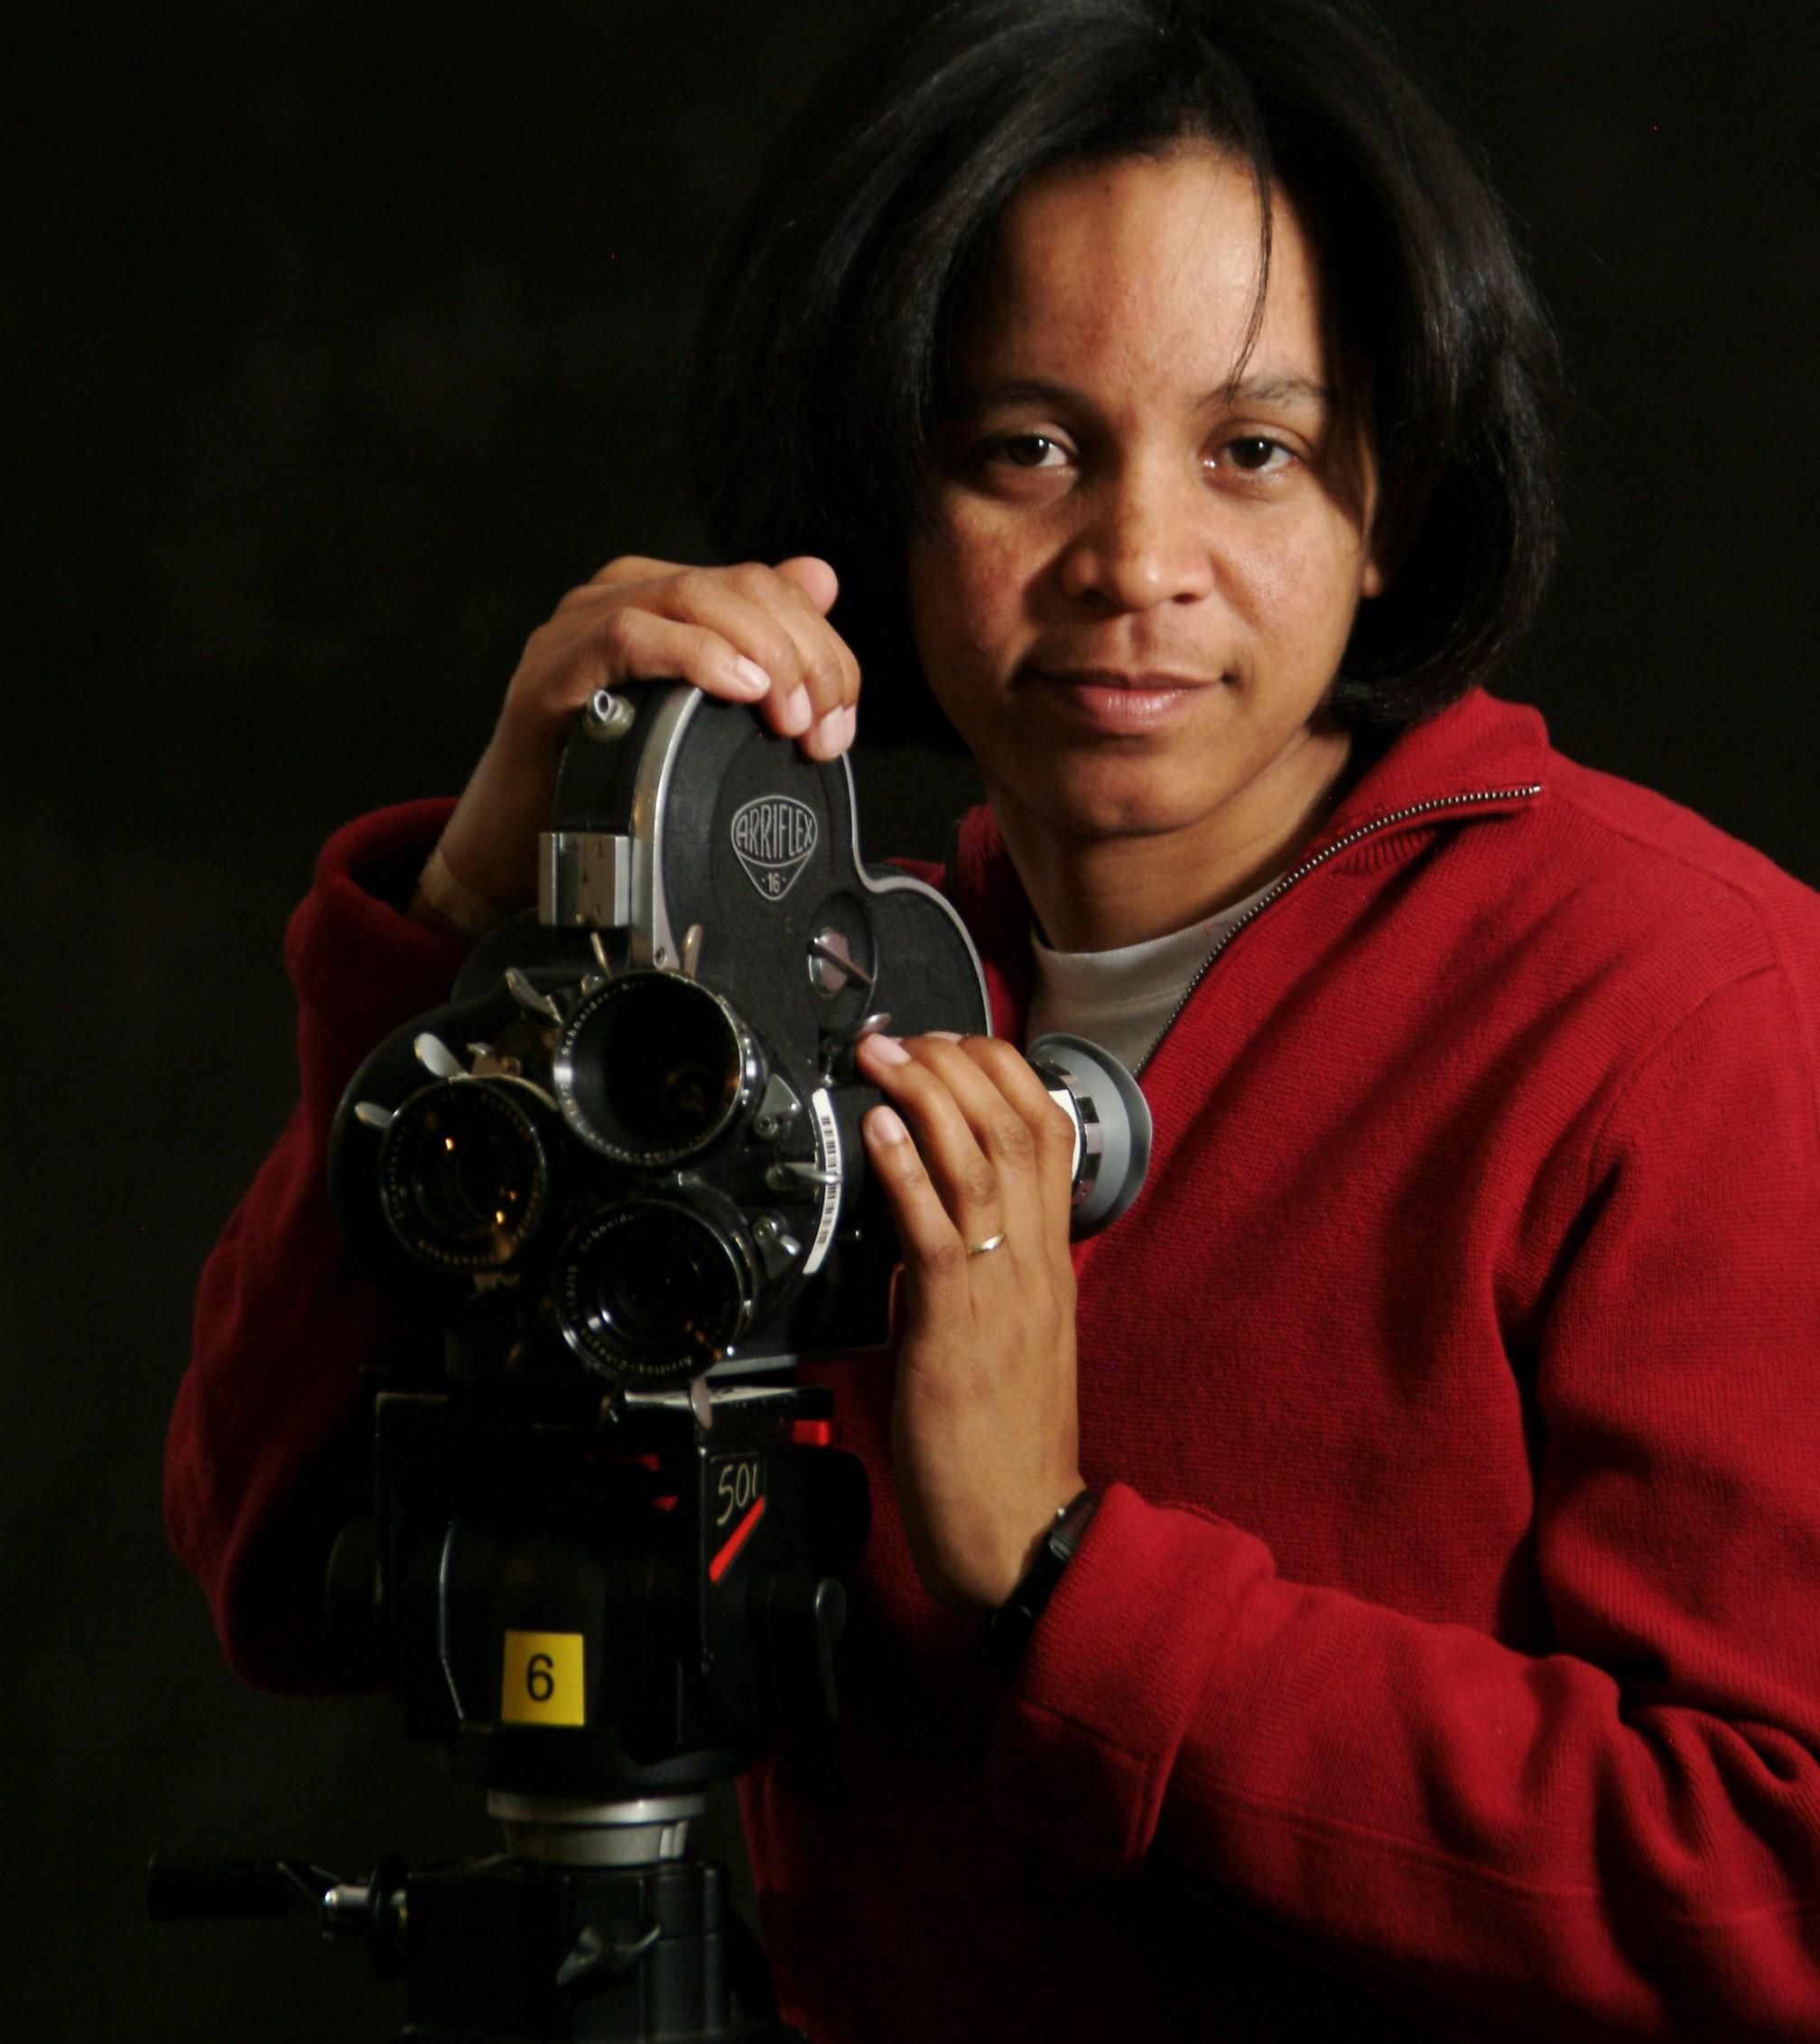 Sil é diretora de cinema e acaba de lançar um livro (Foto: Acervo pessoal)